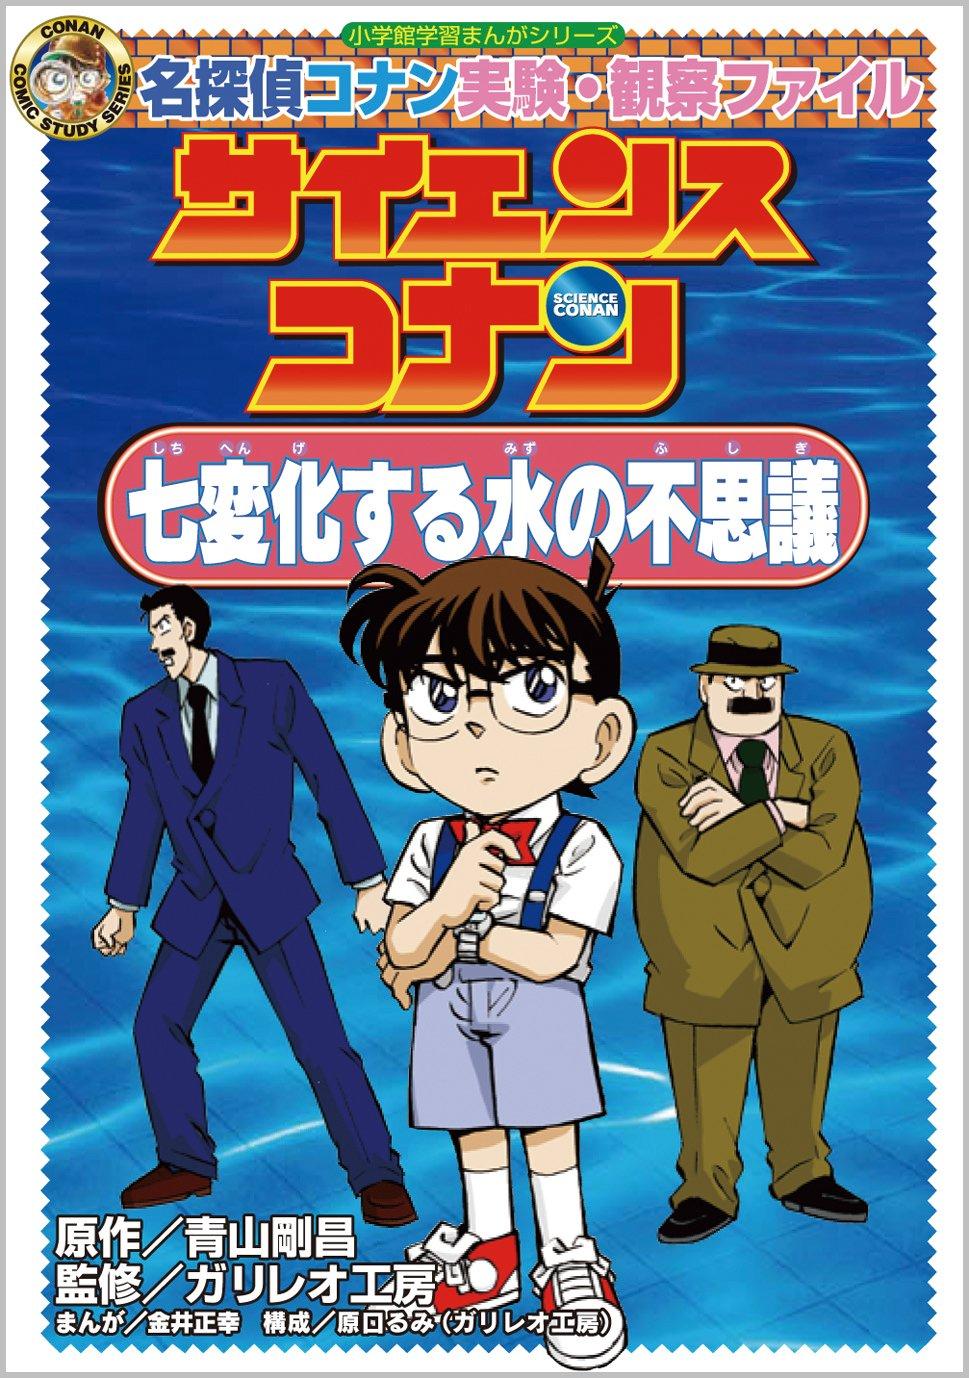 【児童書】名探偵コナン サイエンスコナンセット 6巻